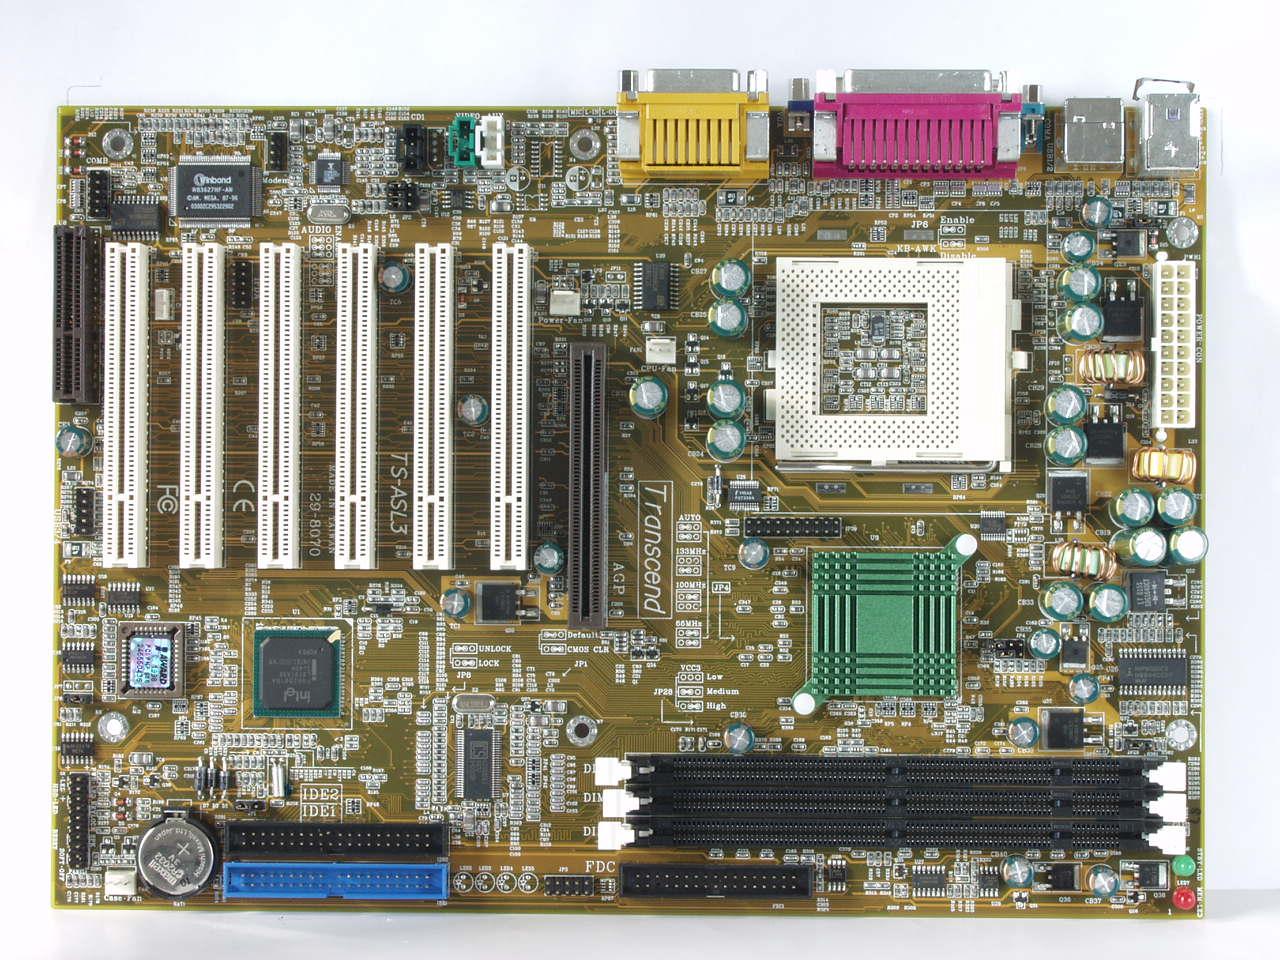 Drivers Update: LEADTEK Motherboard WinFast 9100AX